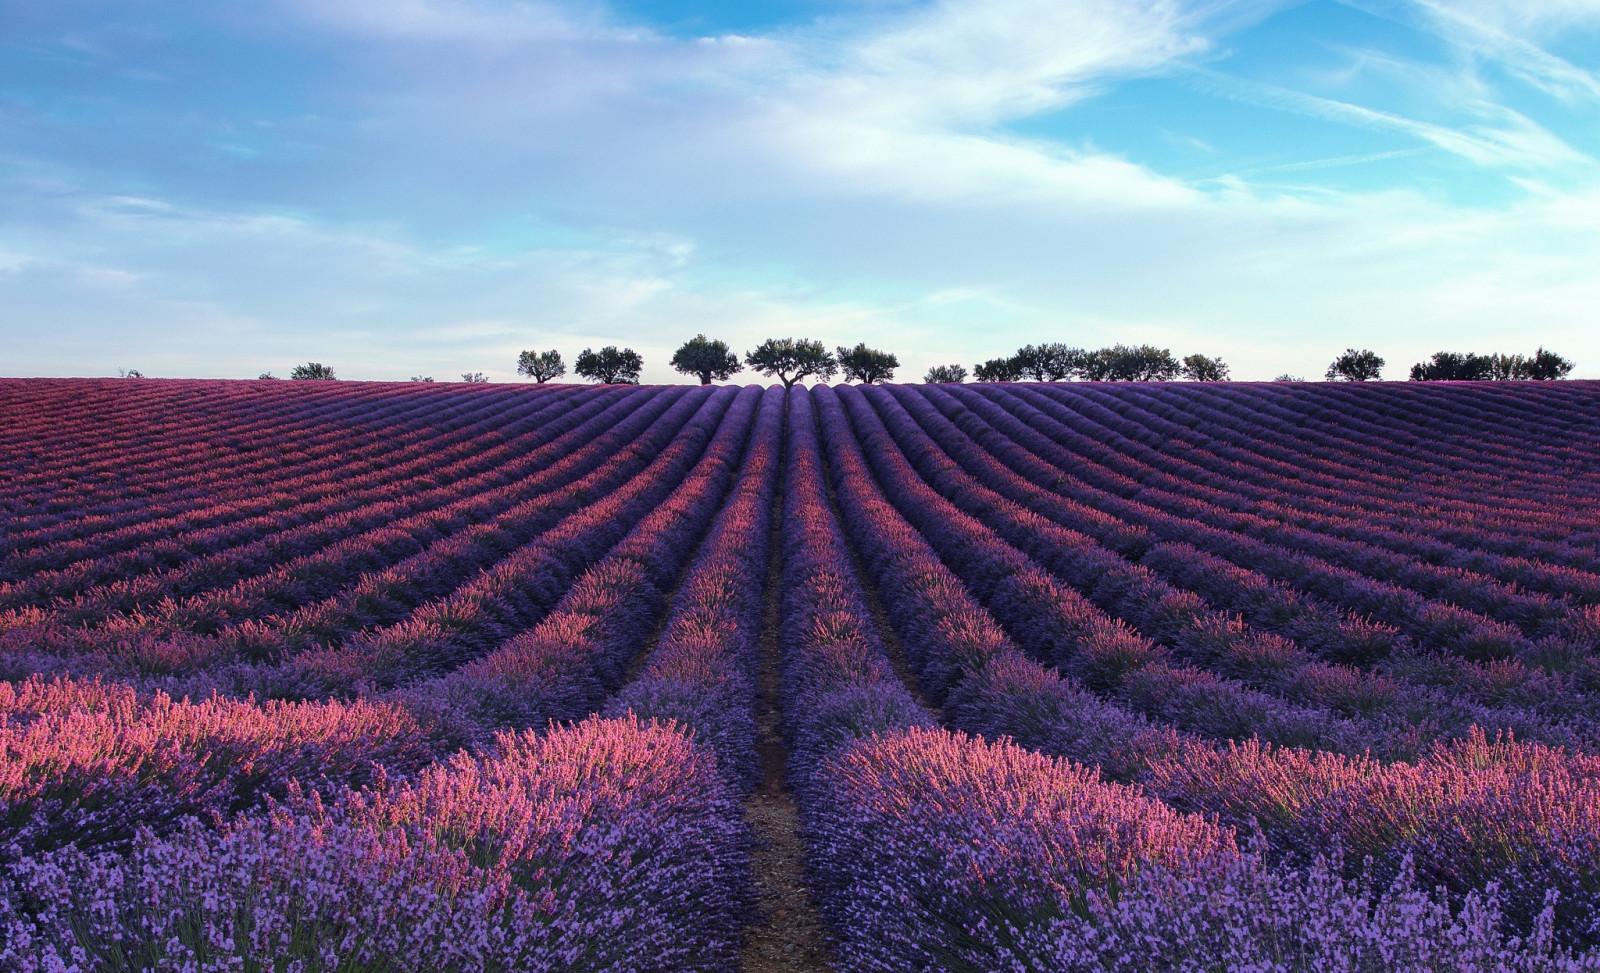 Fond d'écran : paysage, champ, lavande, plateau, fleur, prairie, agriculture, plaine, surgir ...